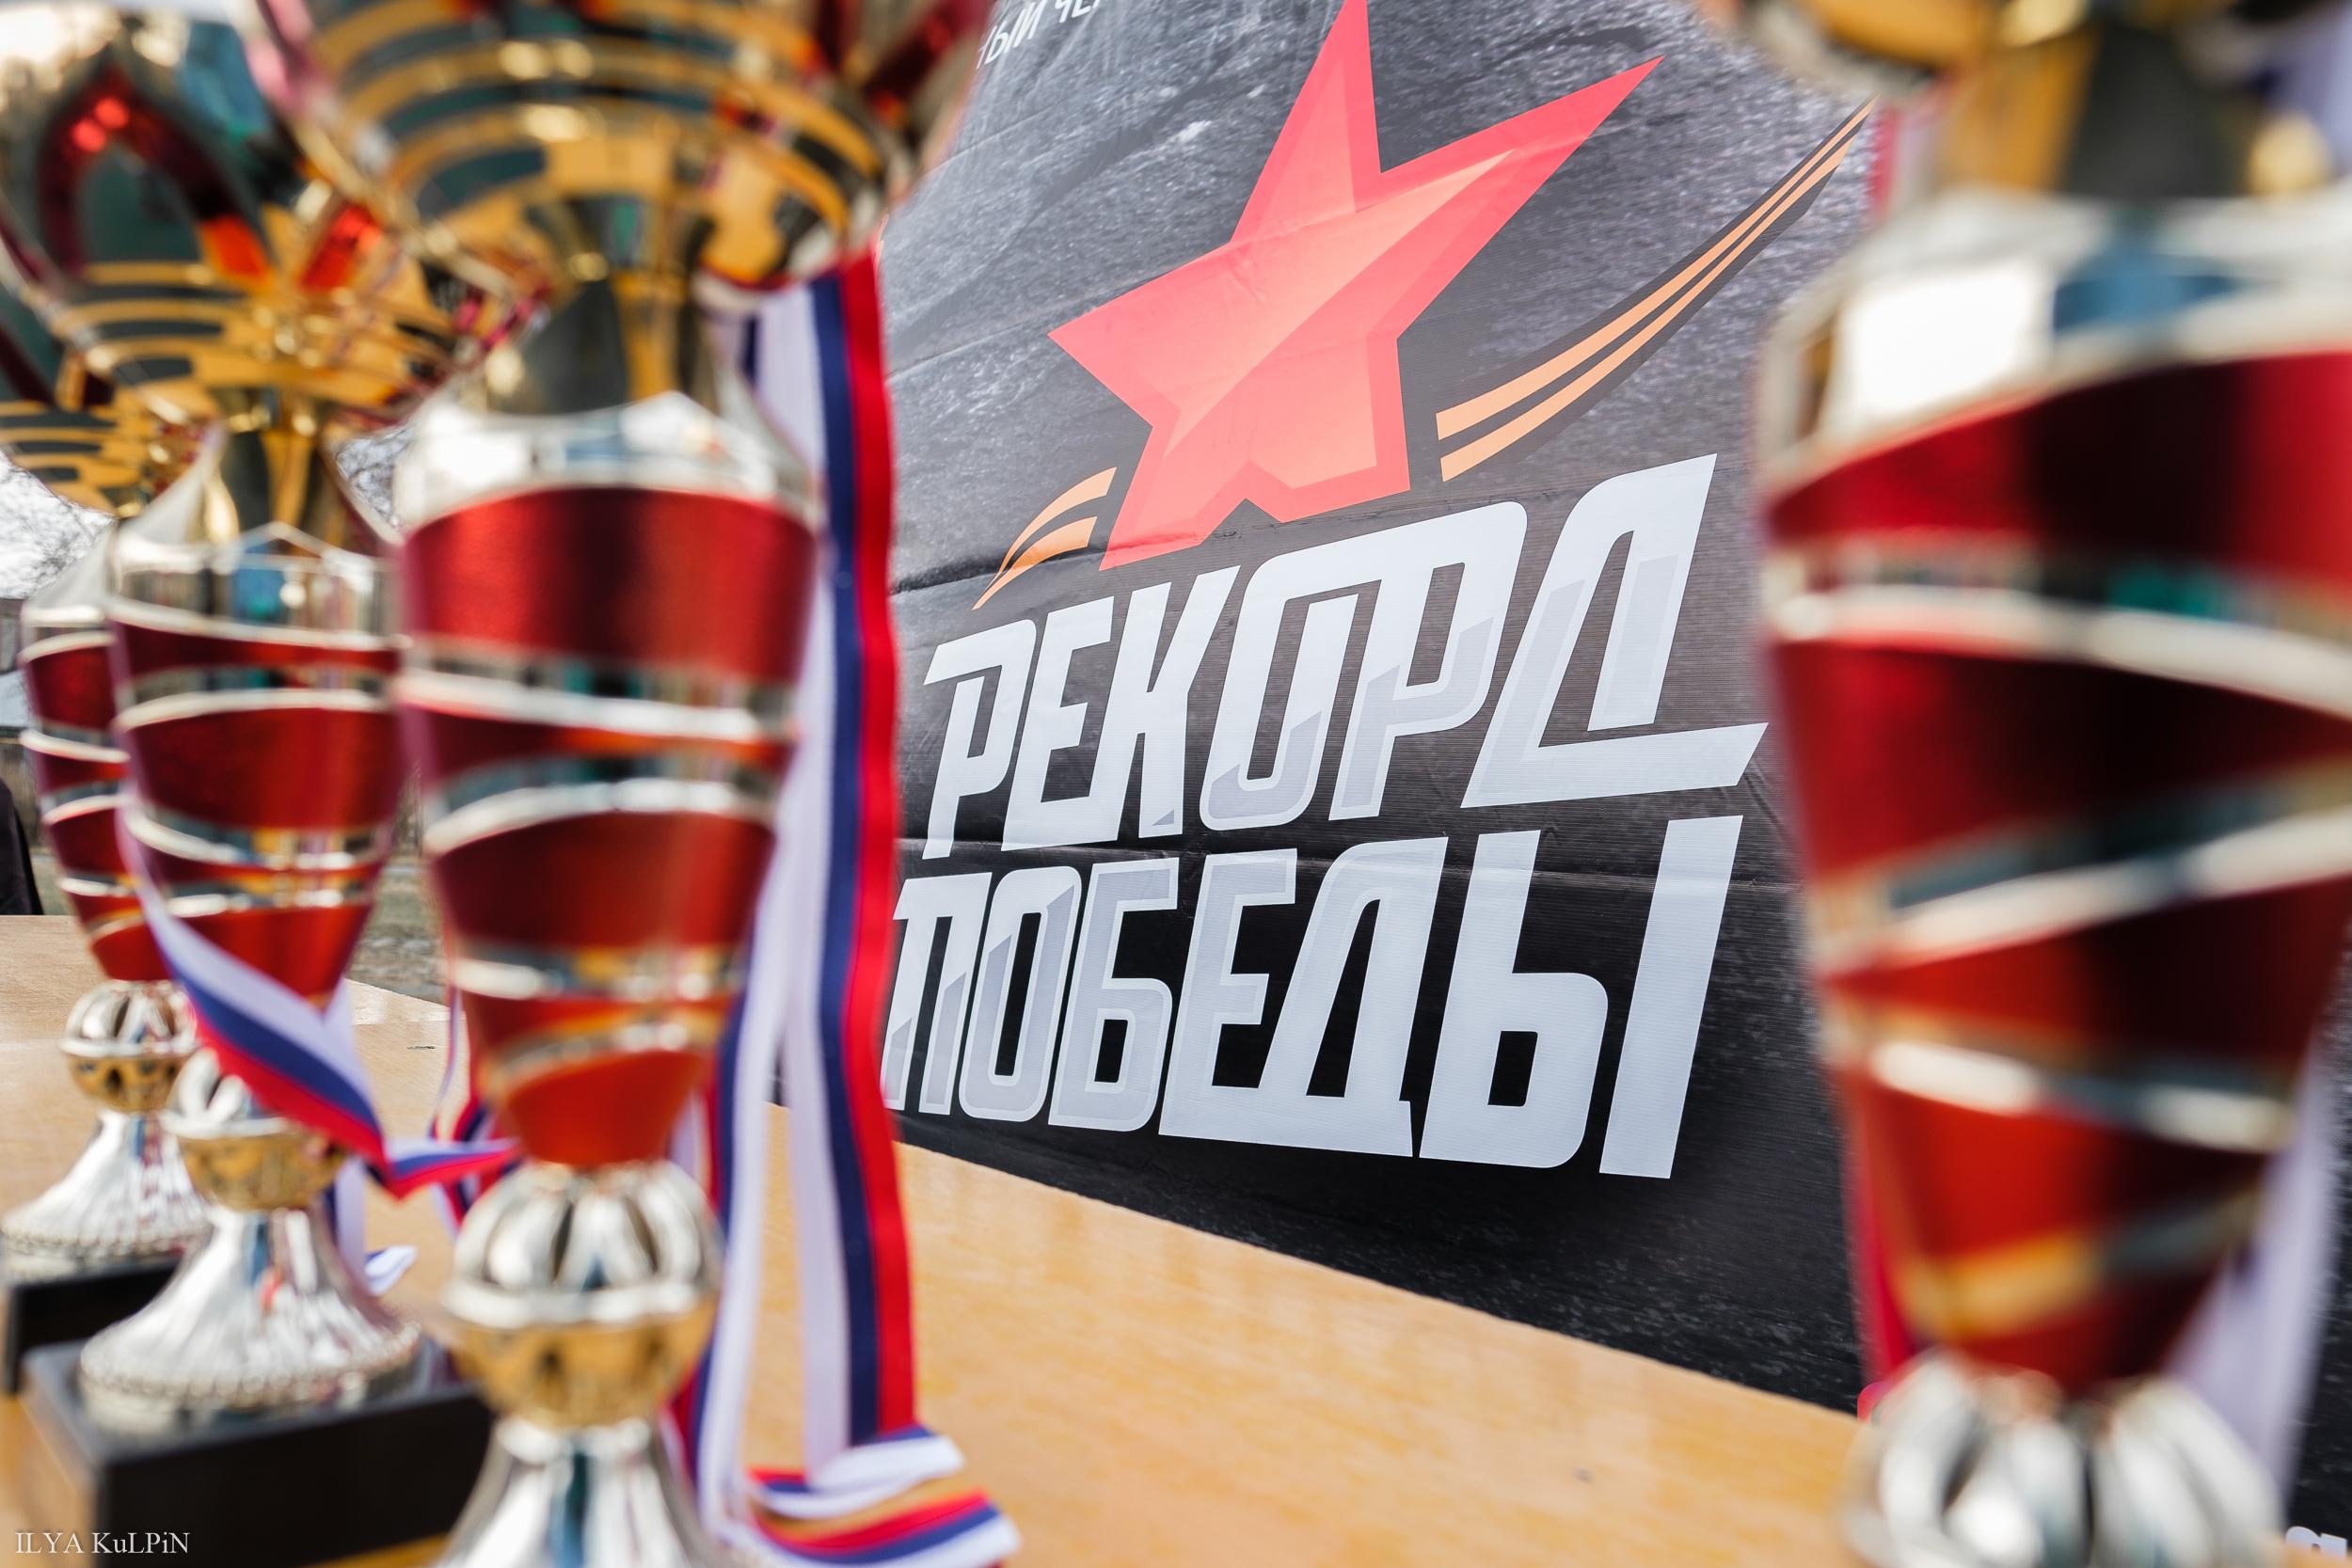 Мероприятия, посвященные празднованию 73-й годовщины Победы в Великой Отечественной войне, прошли